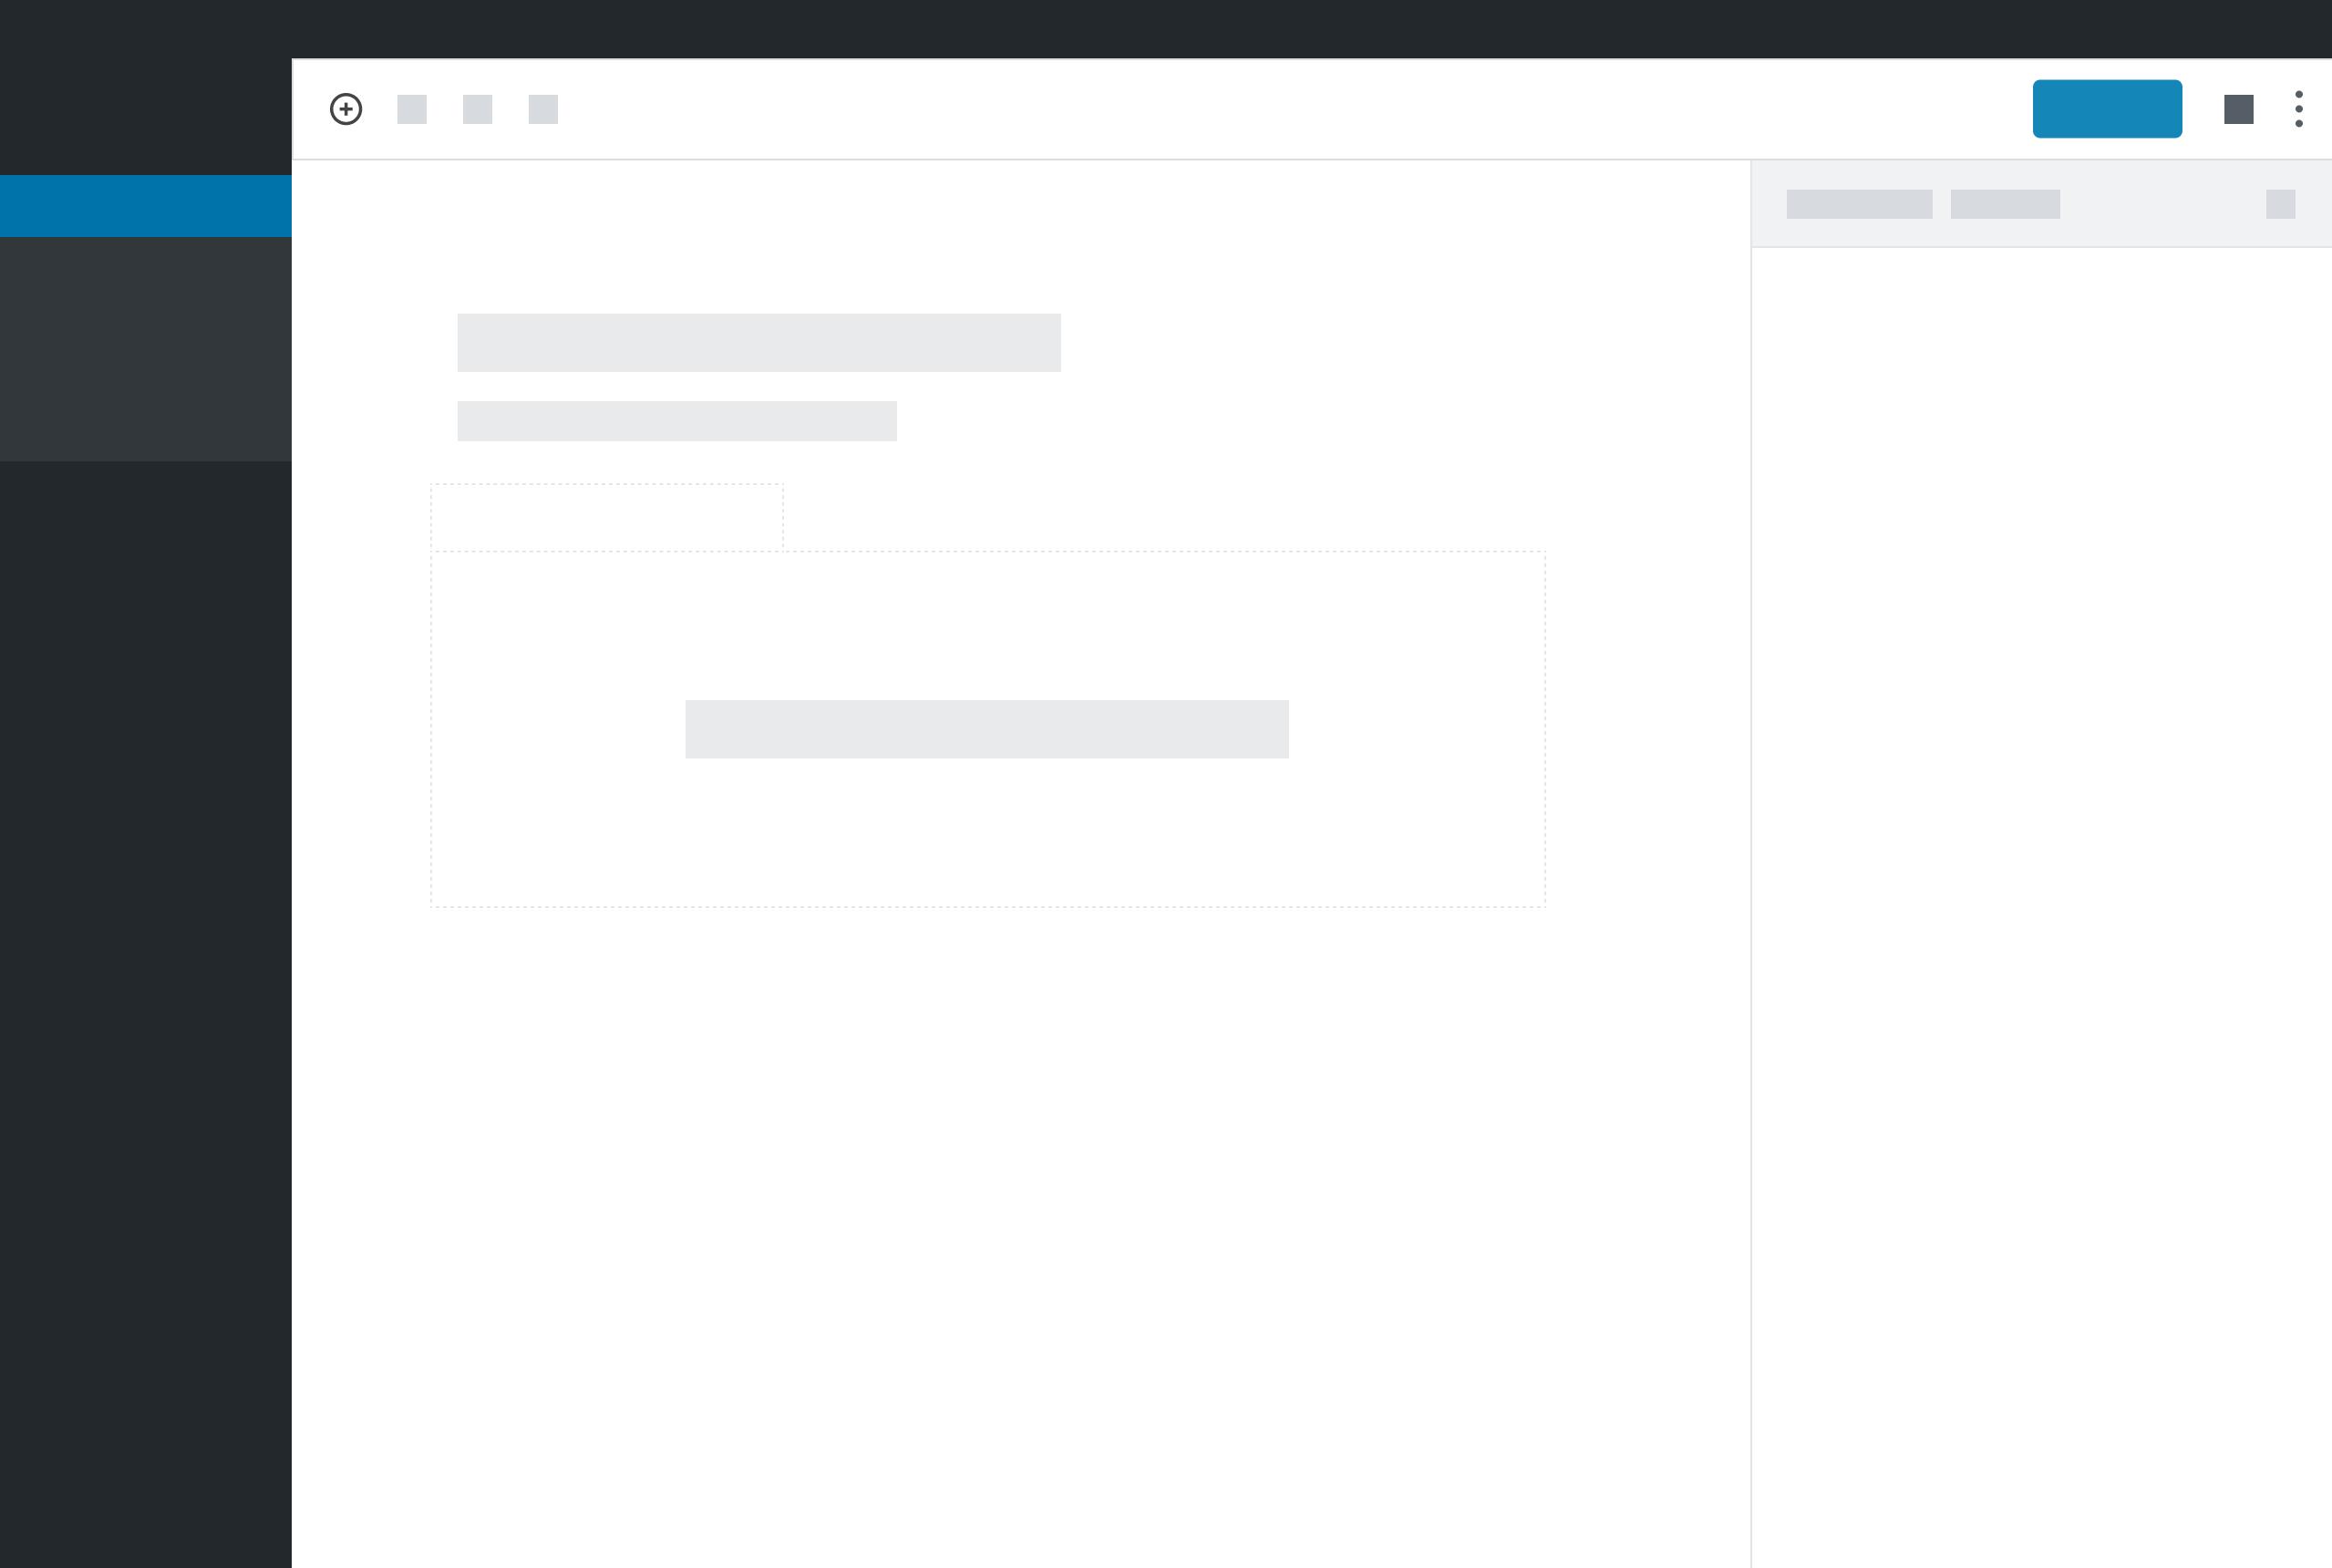 Desktop_ Loading